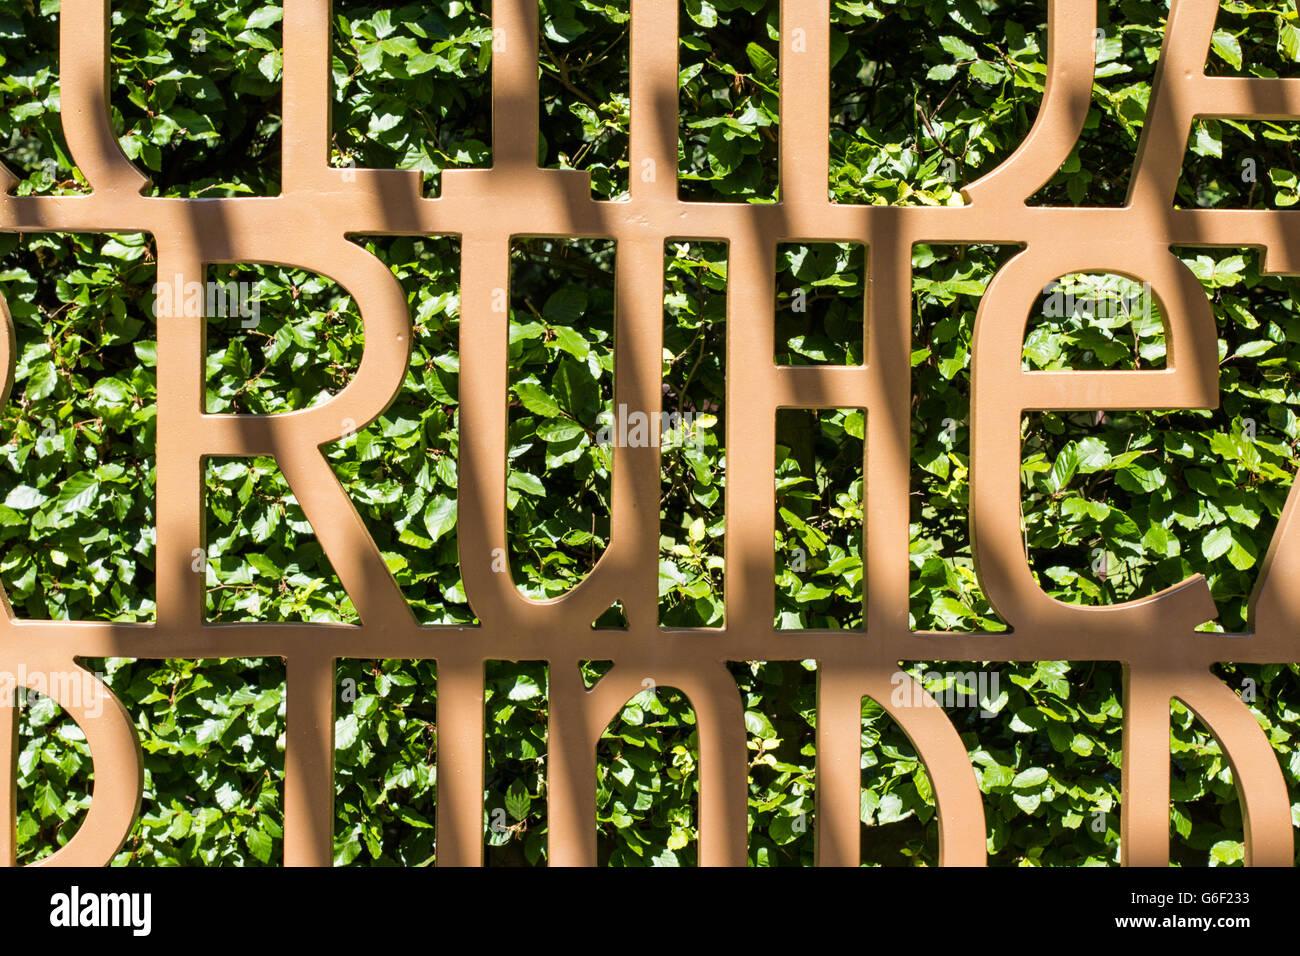 La palabra silencio en alemán (Ruhe) en el Christian Garden en Berlín. Foto de stock